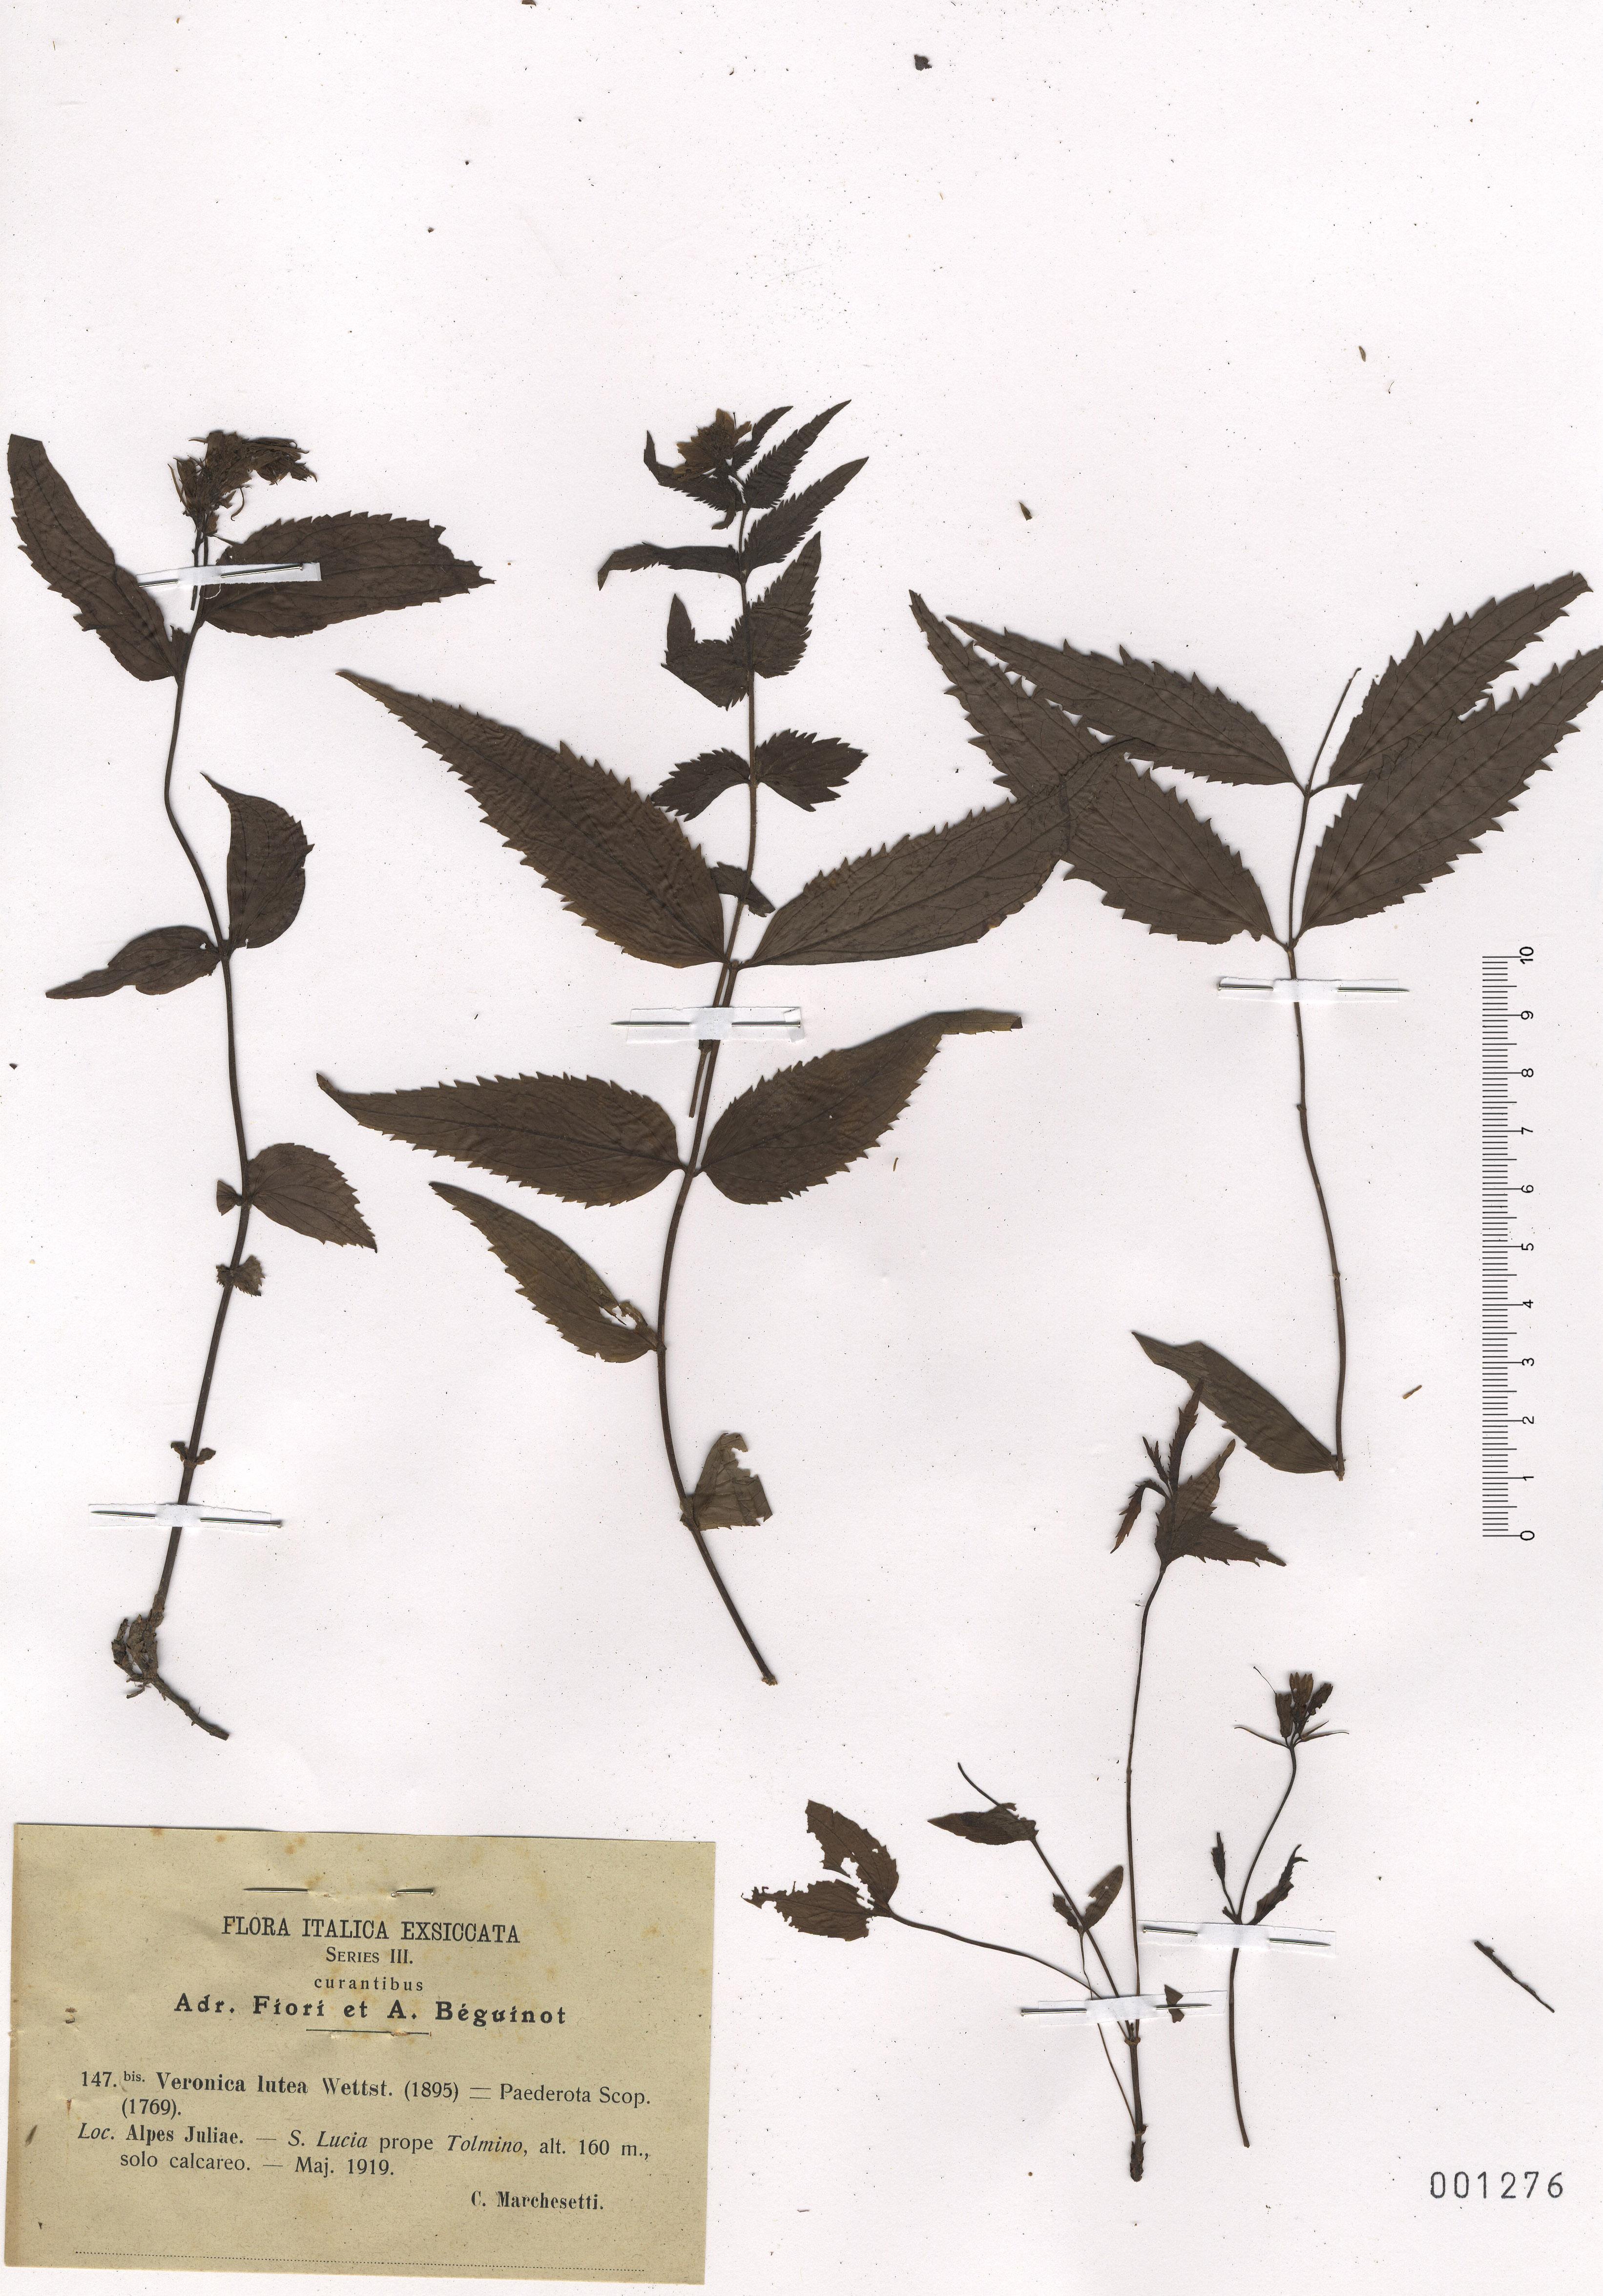 © Hortus Botanicus Catinensis - Herb. sheet 001276<br>